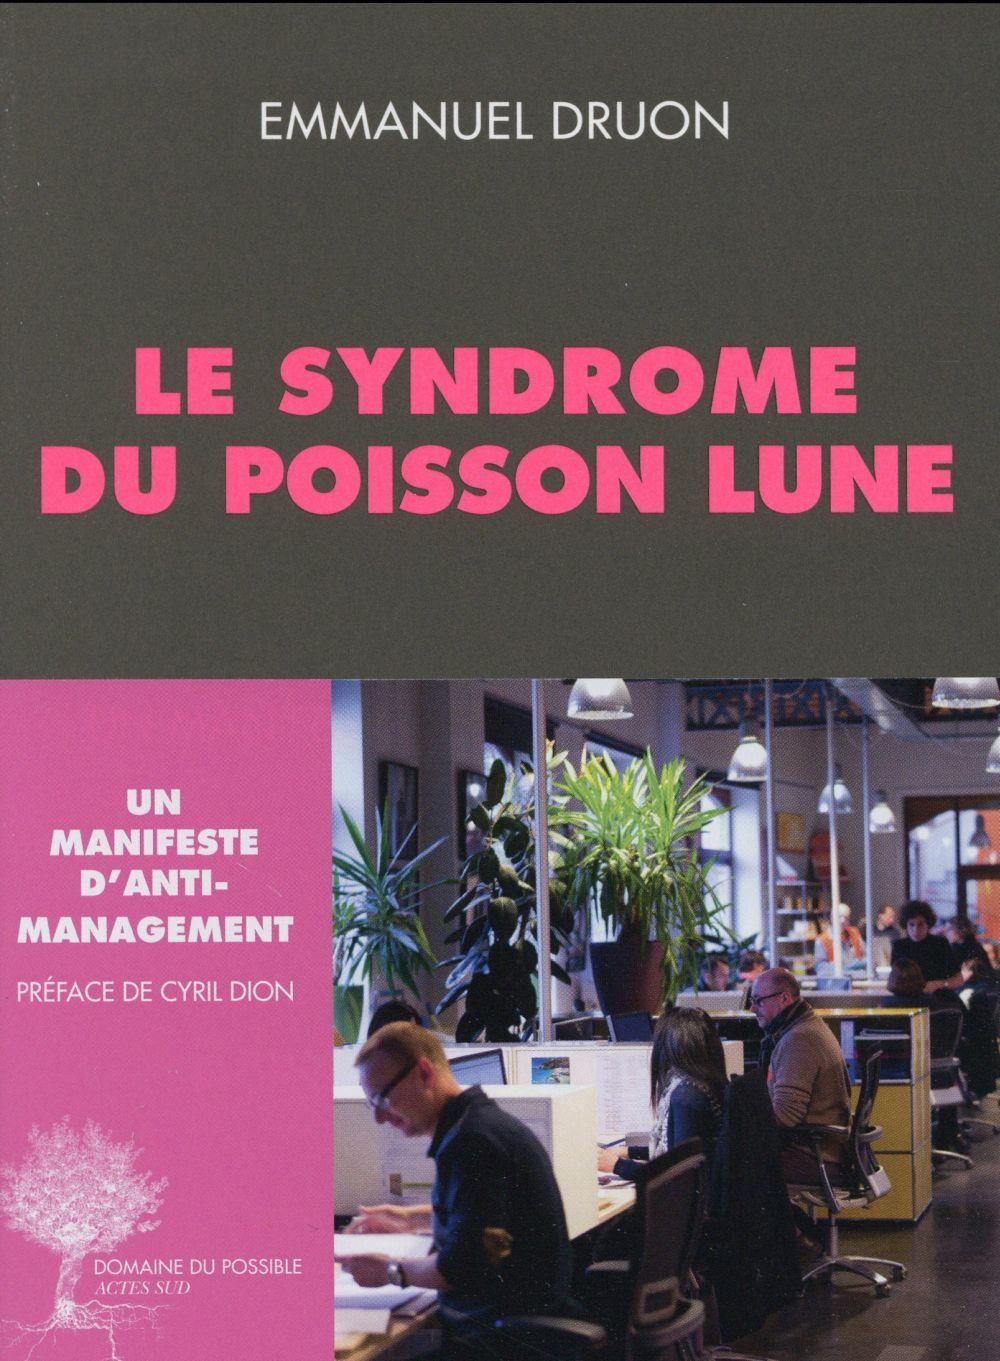 LE SYNDROME DU POISSON LUNE - UN MANIFESTE D'ANTI-MANAGEMENT